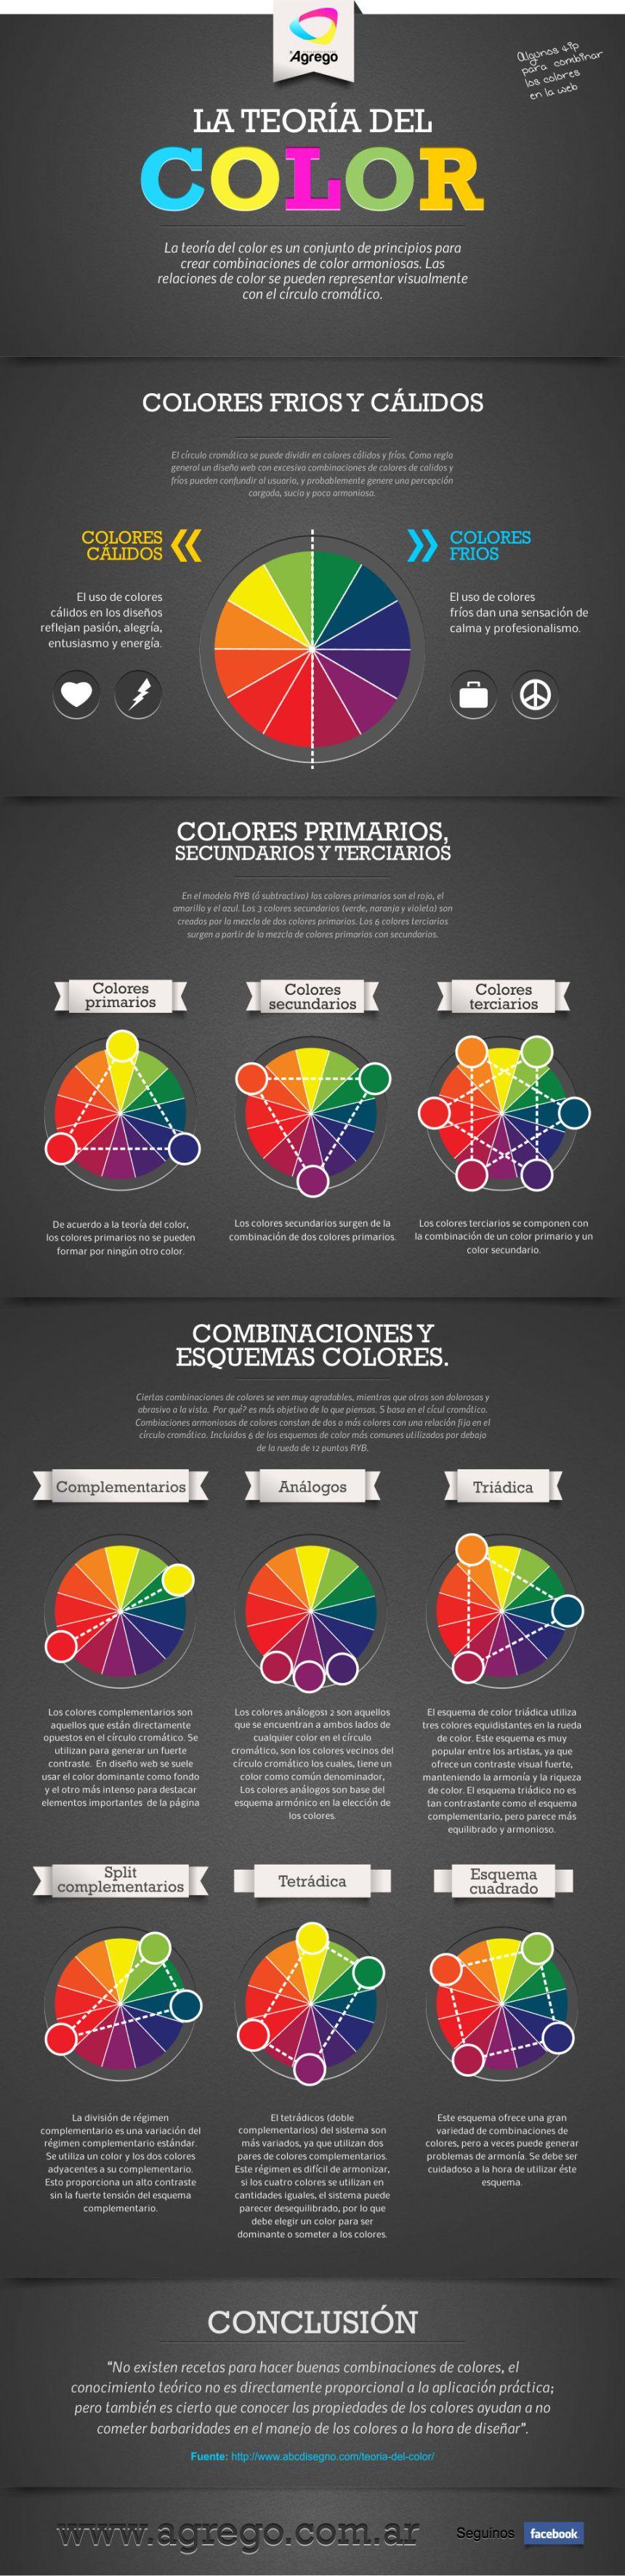 La teoría del color